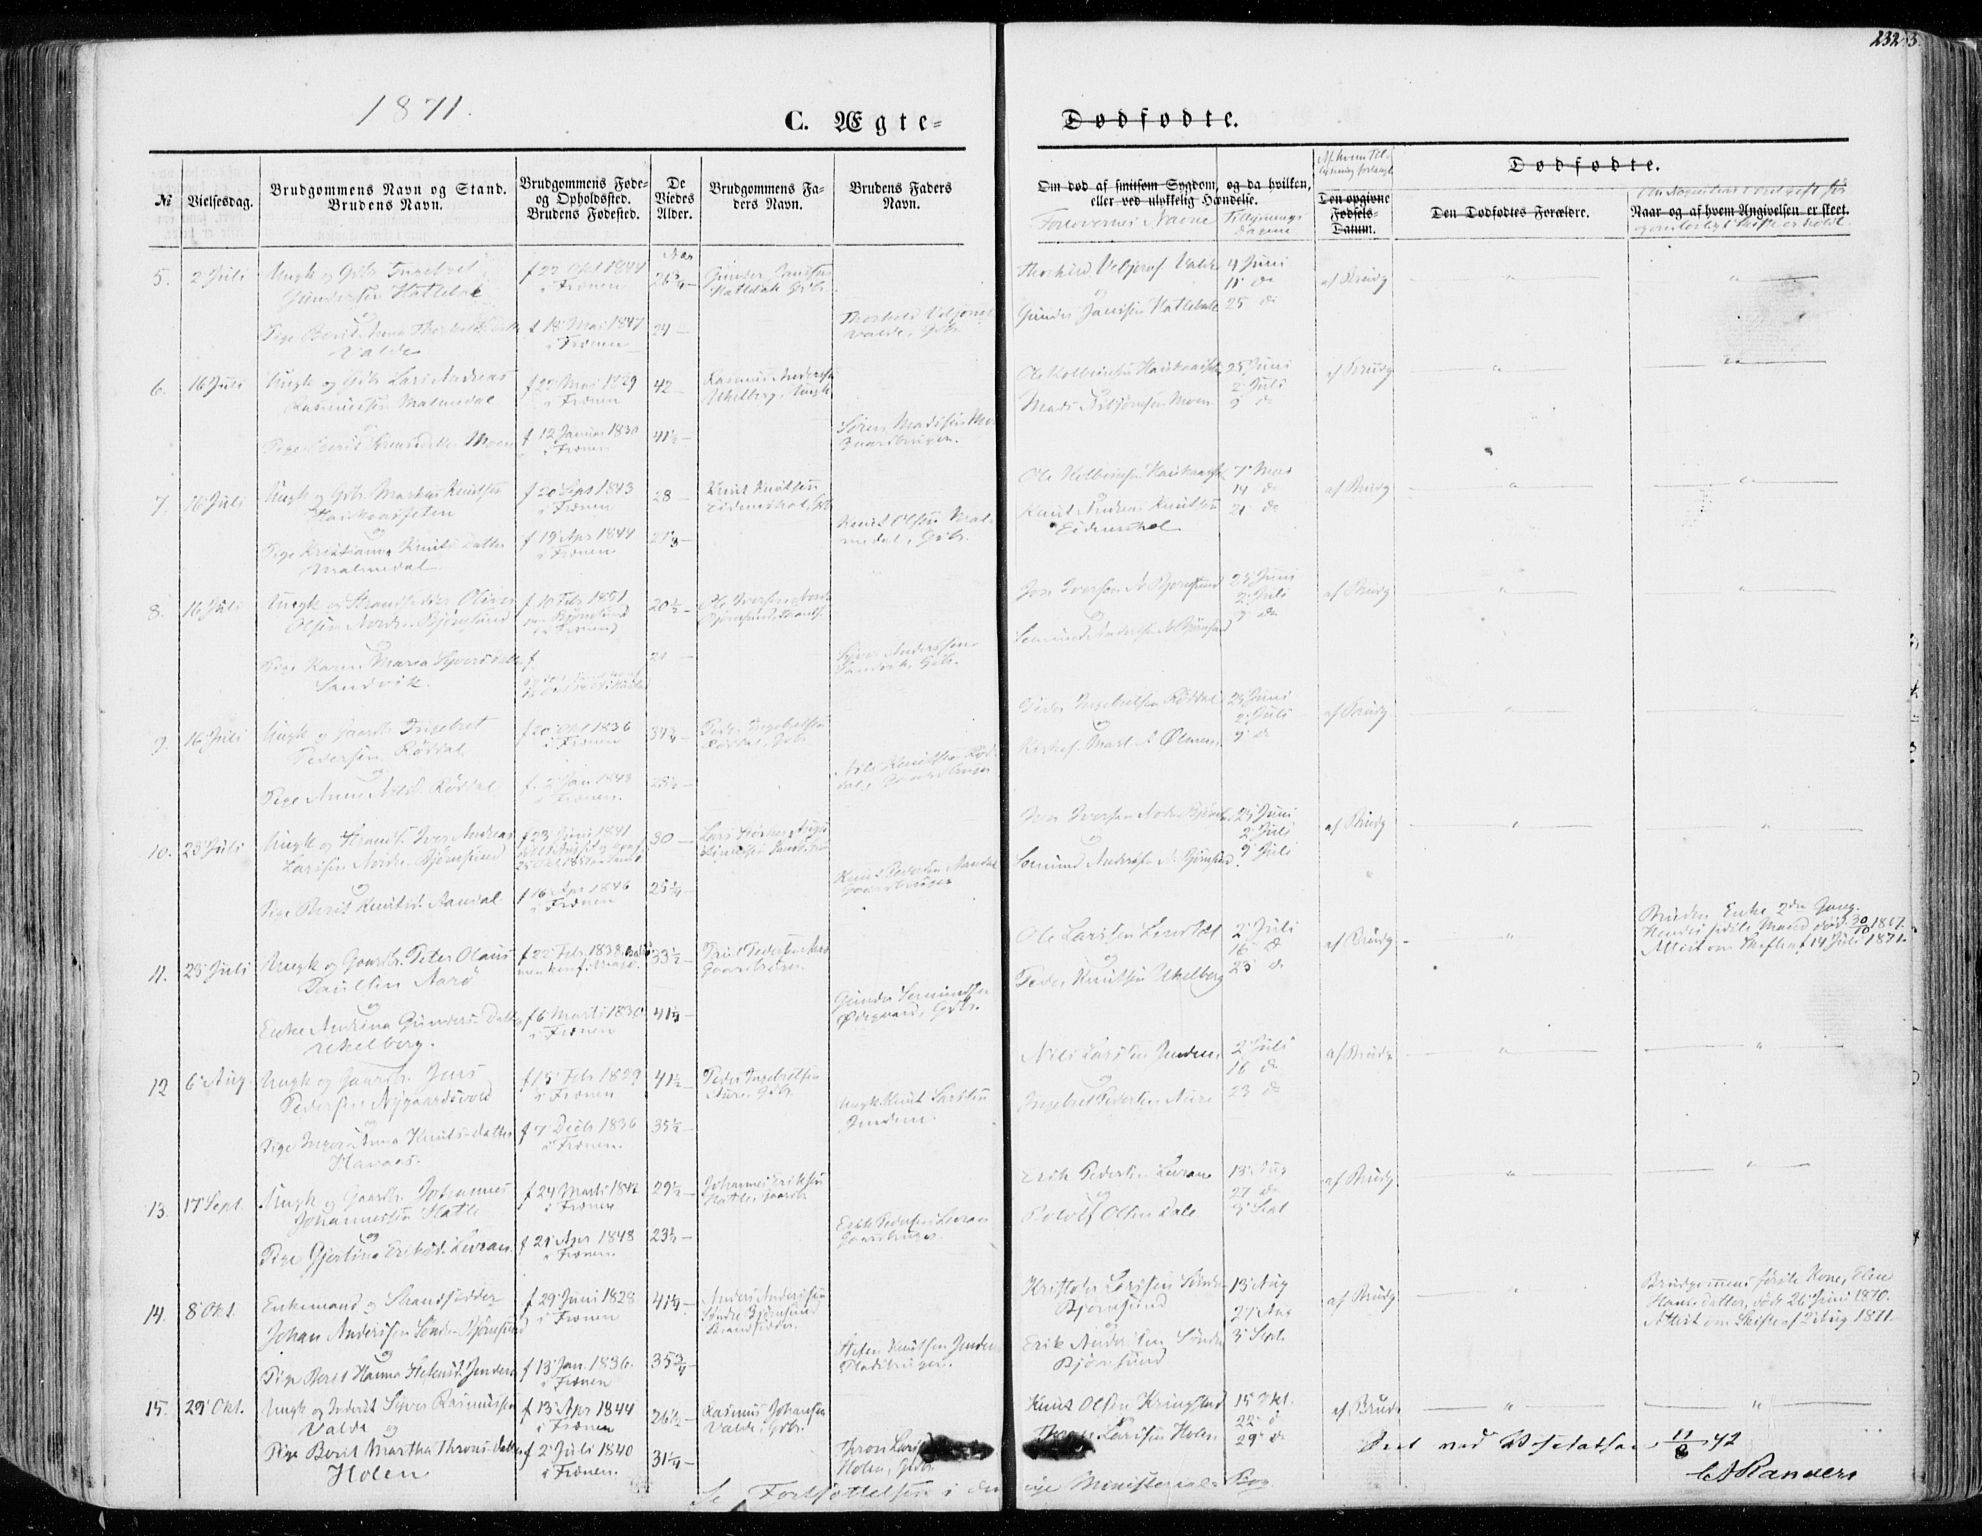 SAT, Ministerialprotokoller, klokkerbøker og fødselsregistre - Møre og Romsdal, 565/L0748: Ministerialbok nr. 565A02, 1845-1872, s. 232